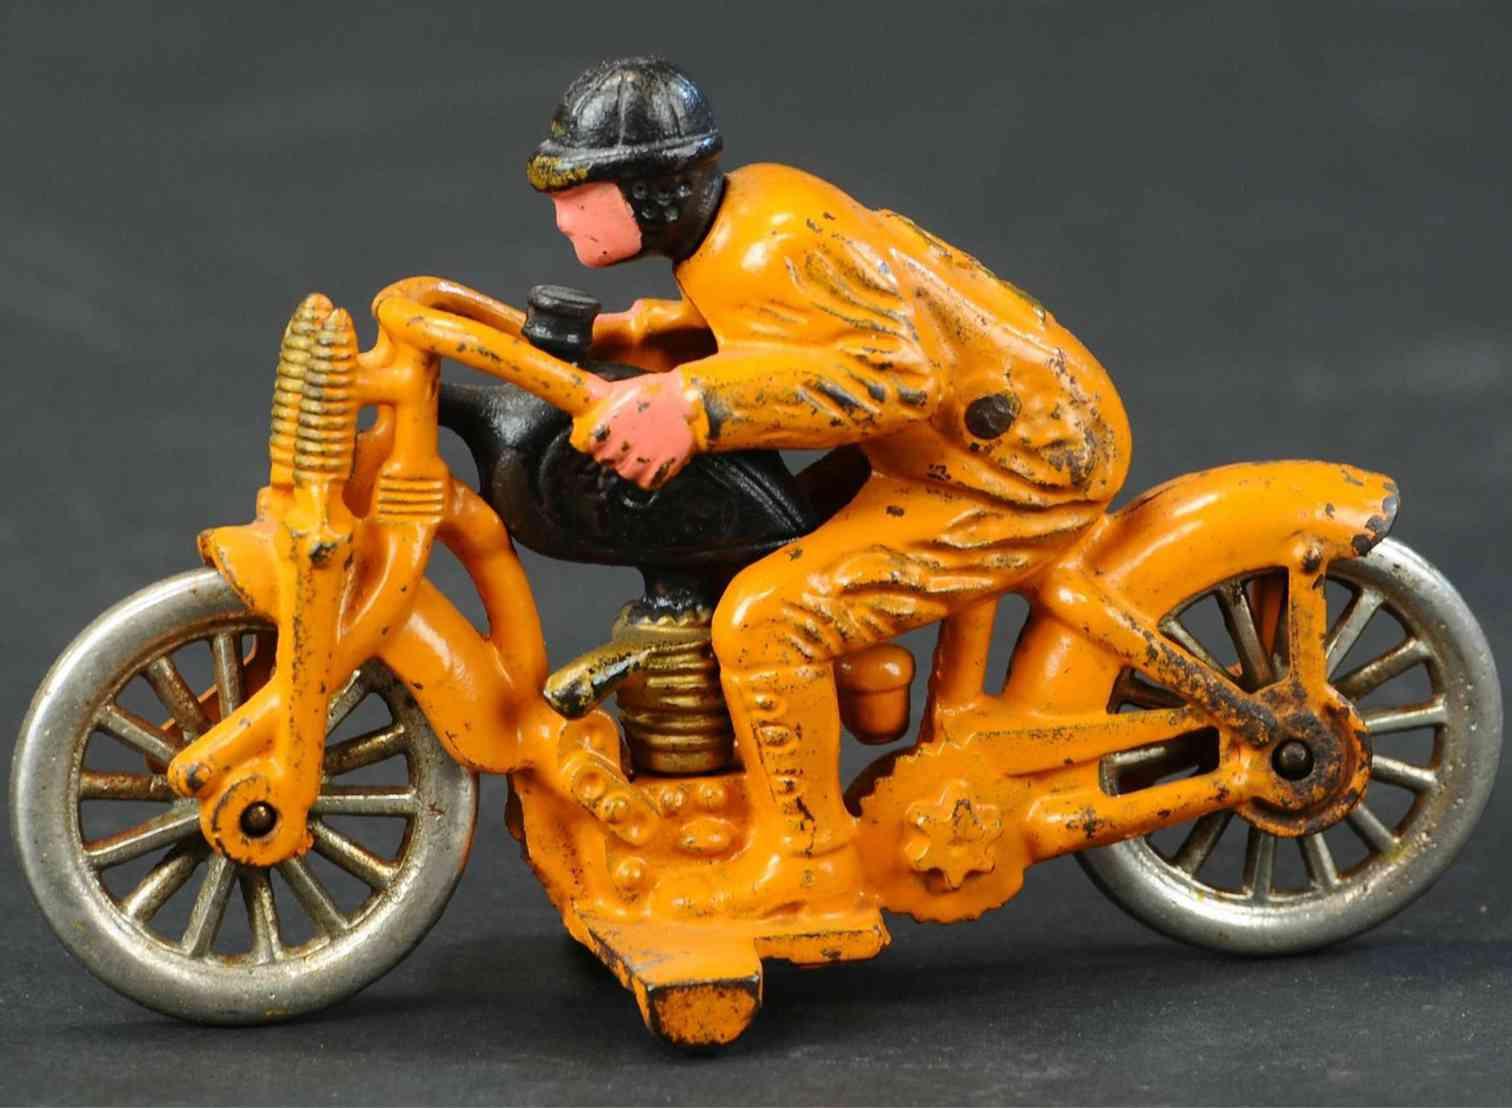 hubley spielzeug gusseisen motorrad motorradfahrer orange